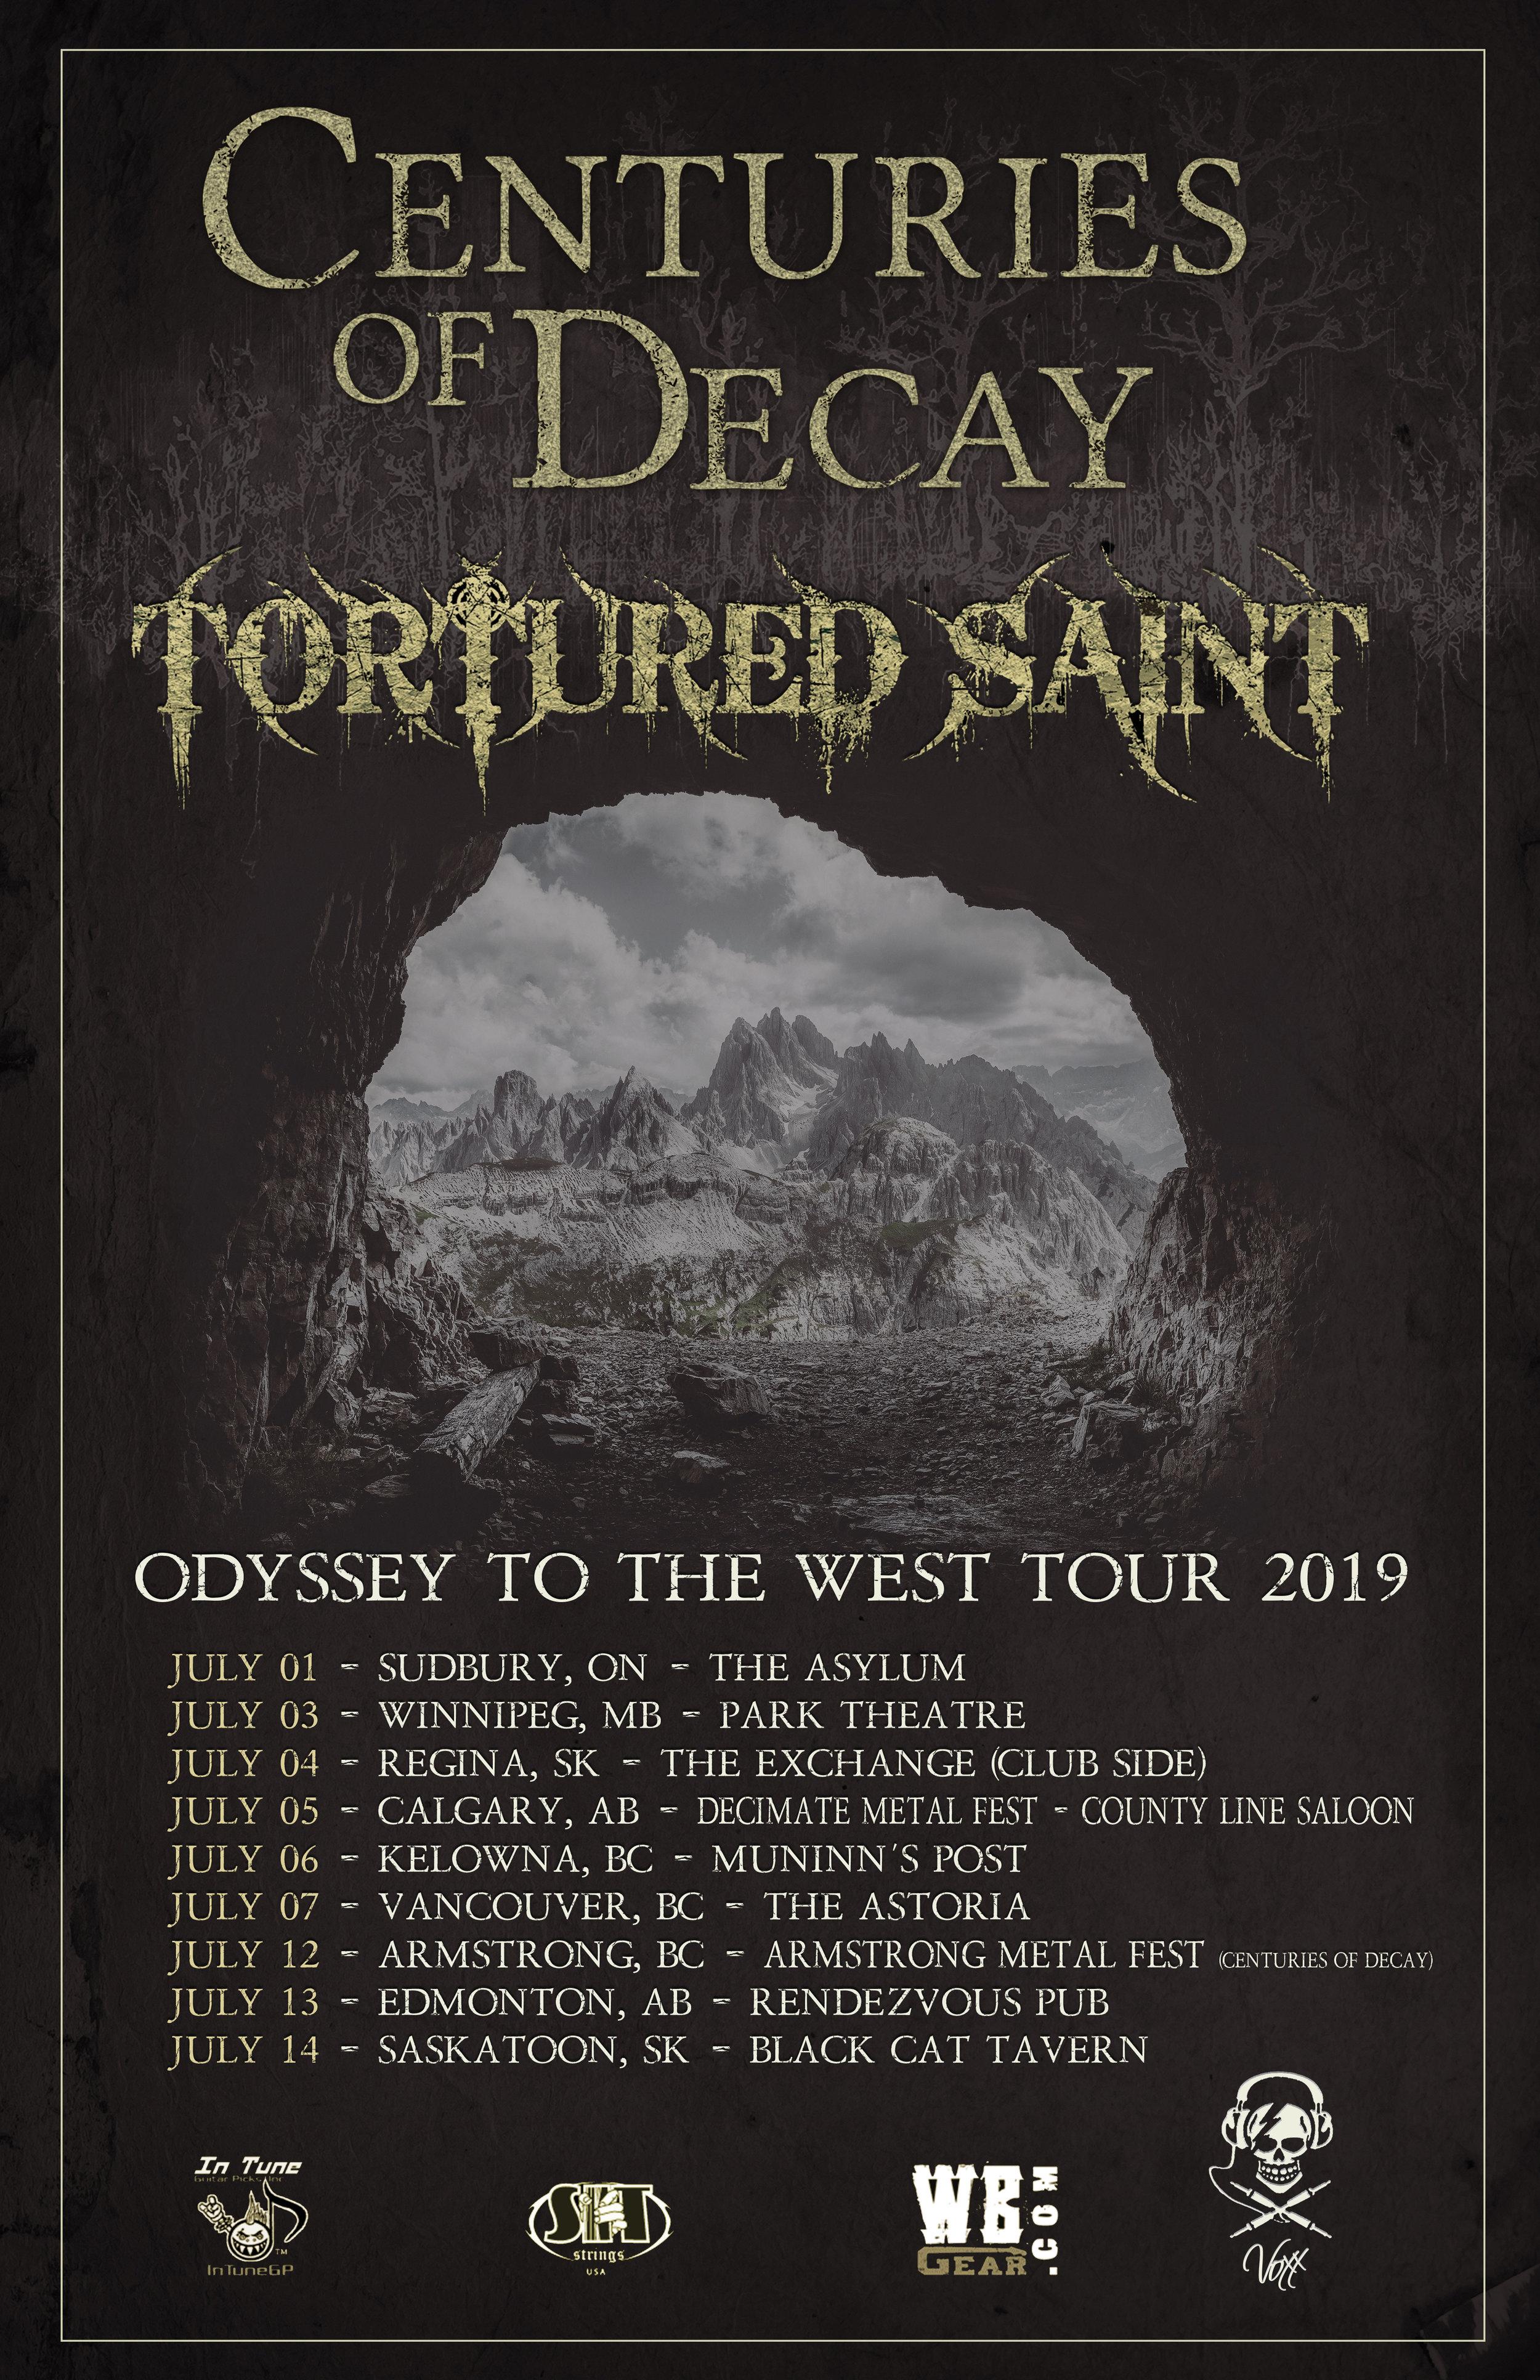 COD-TS-West-coast-Tour-2019-tour-dates-revised.jpg